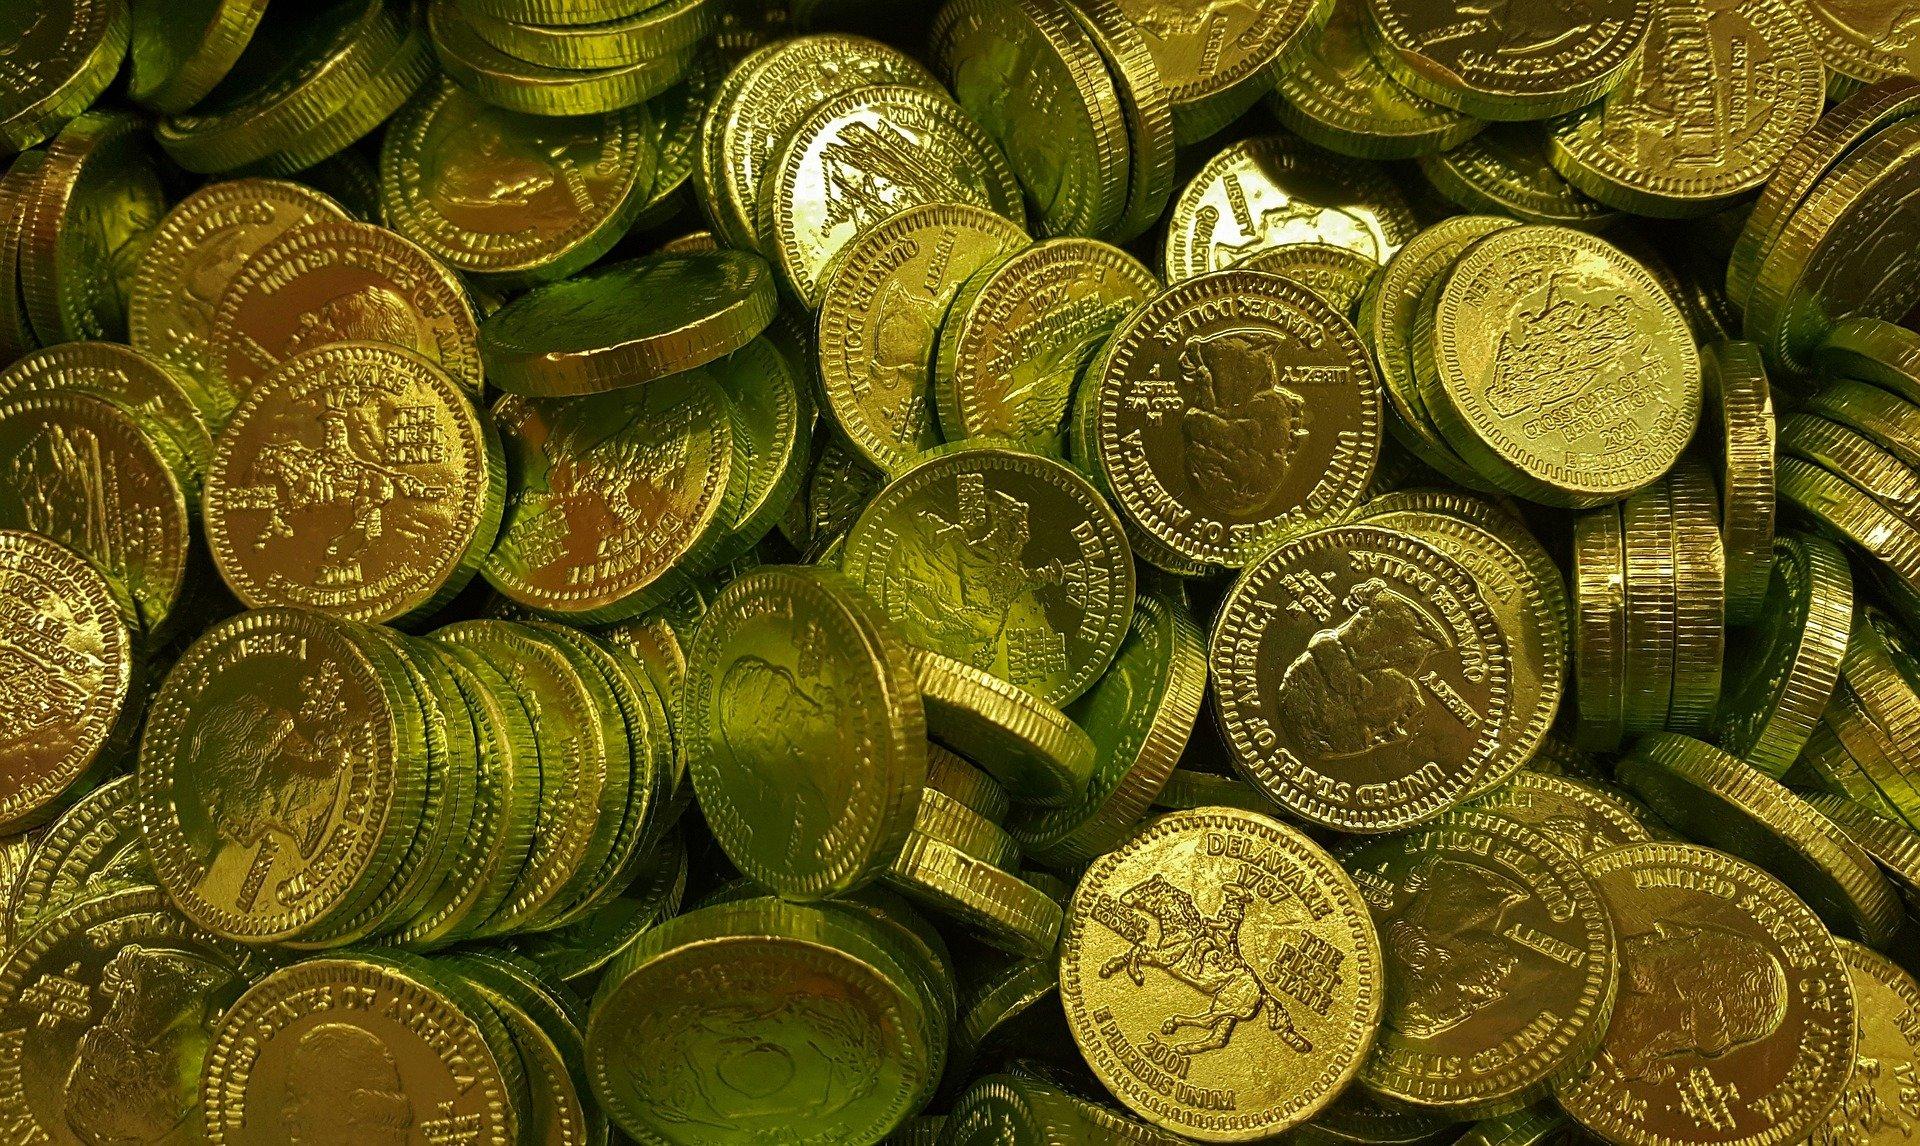 coins-1637722_1920